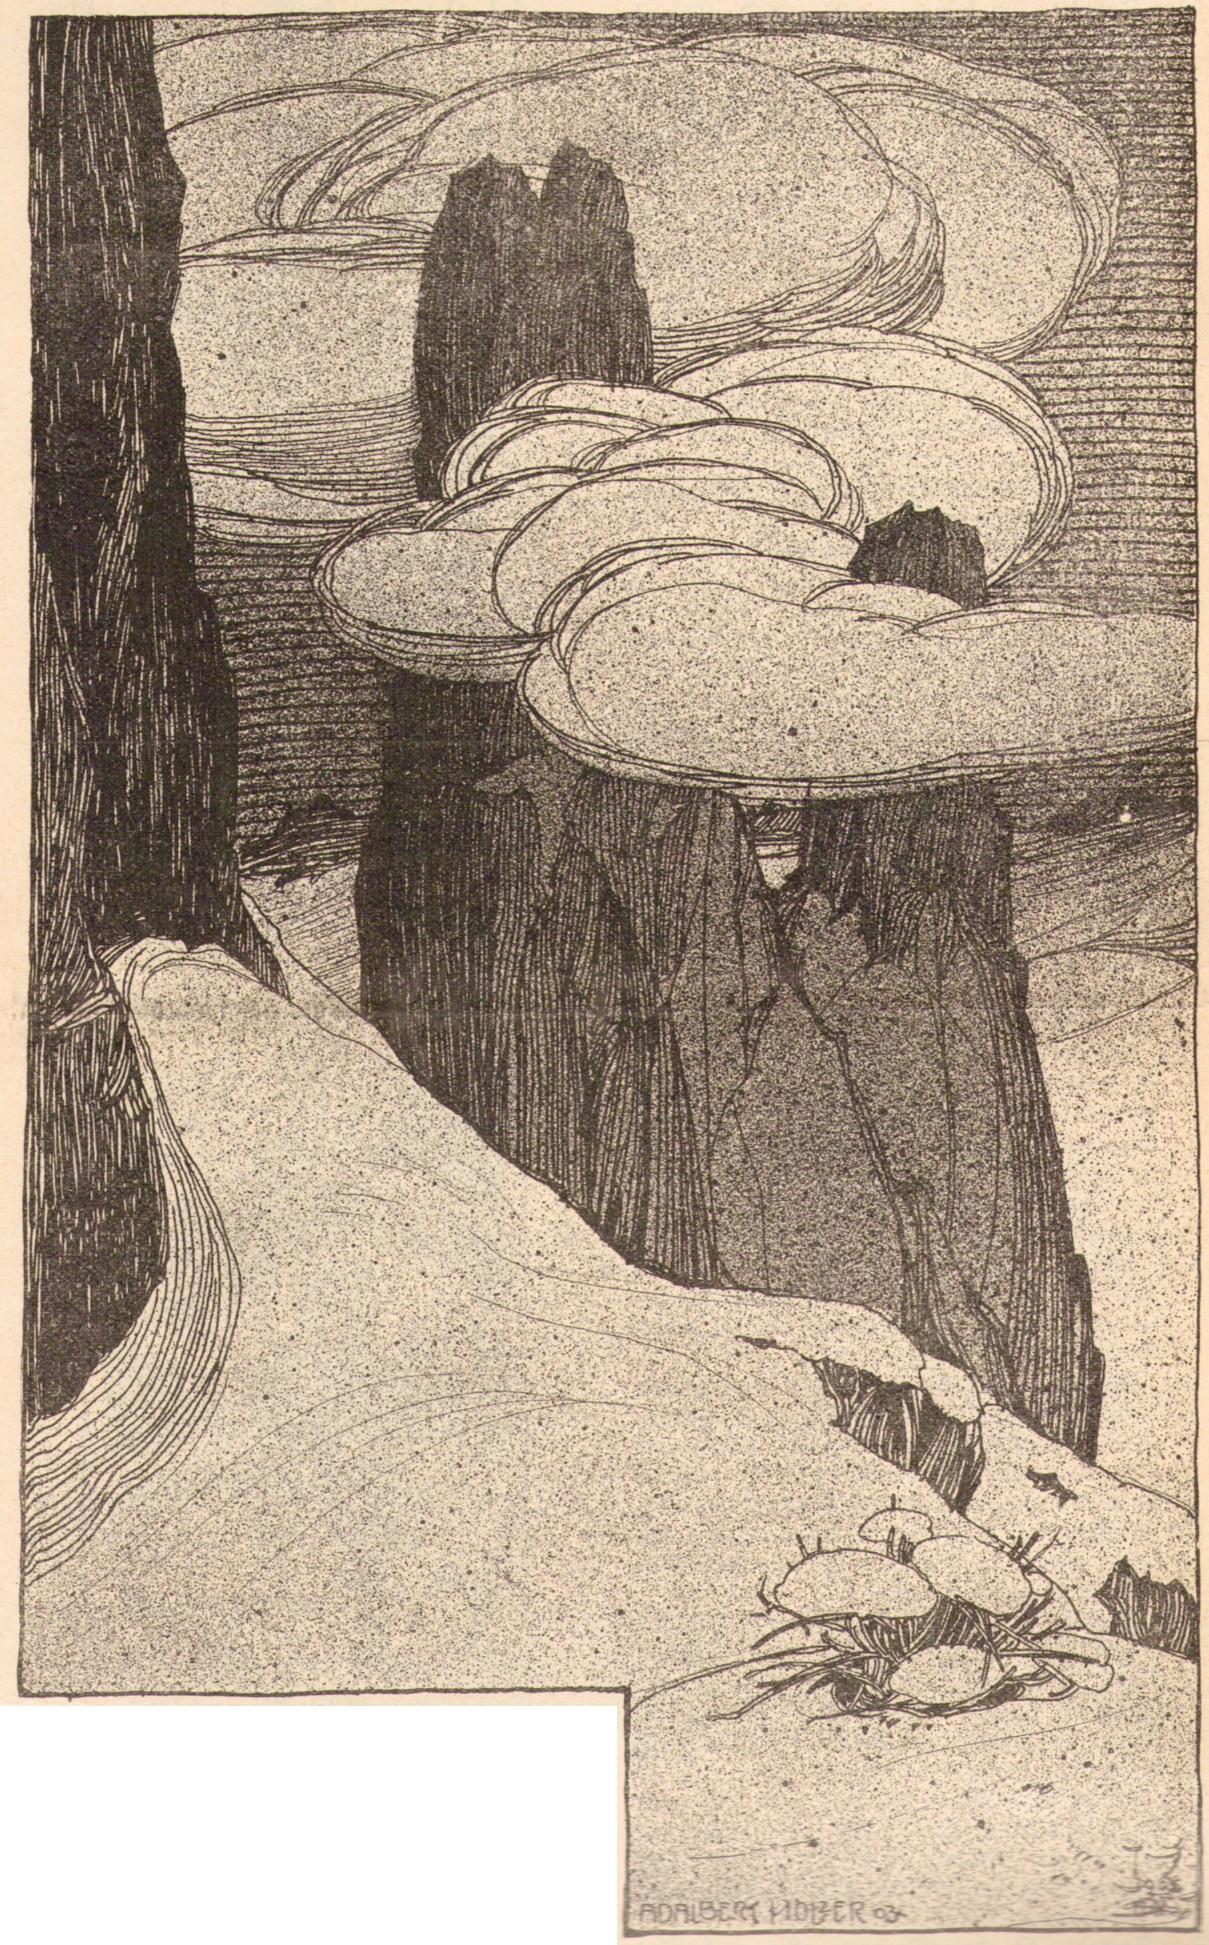 Adalbert Holzer - Dolomitentuerme 1903p.jpg